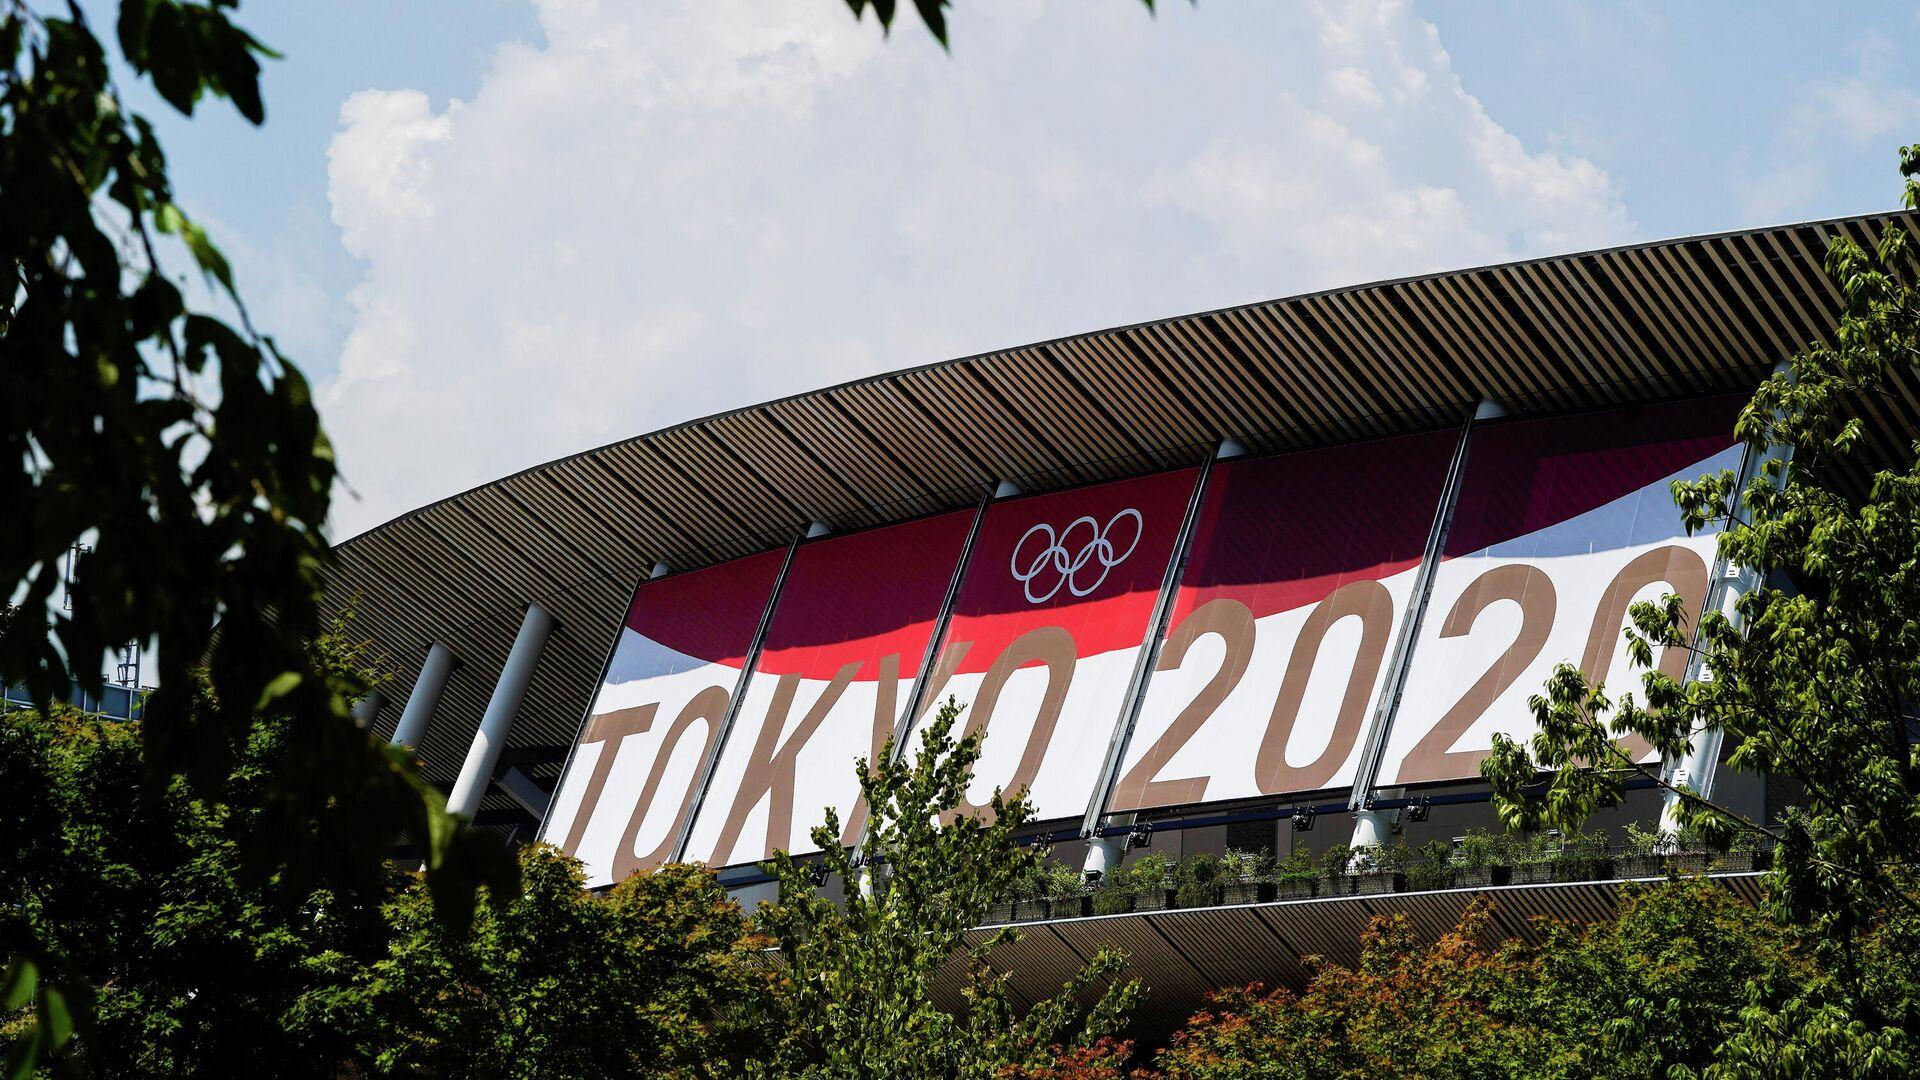 Национальный стадион в Токио - РИА Новости, 1920, 19.07.2021